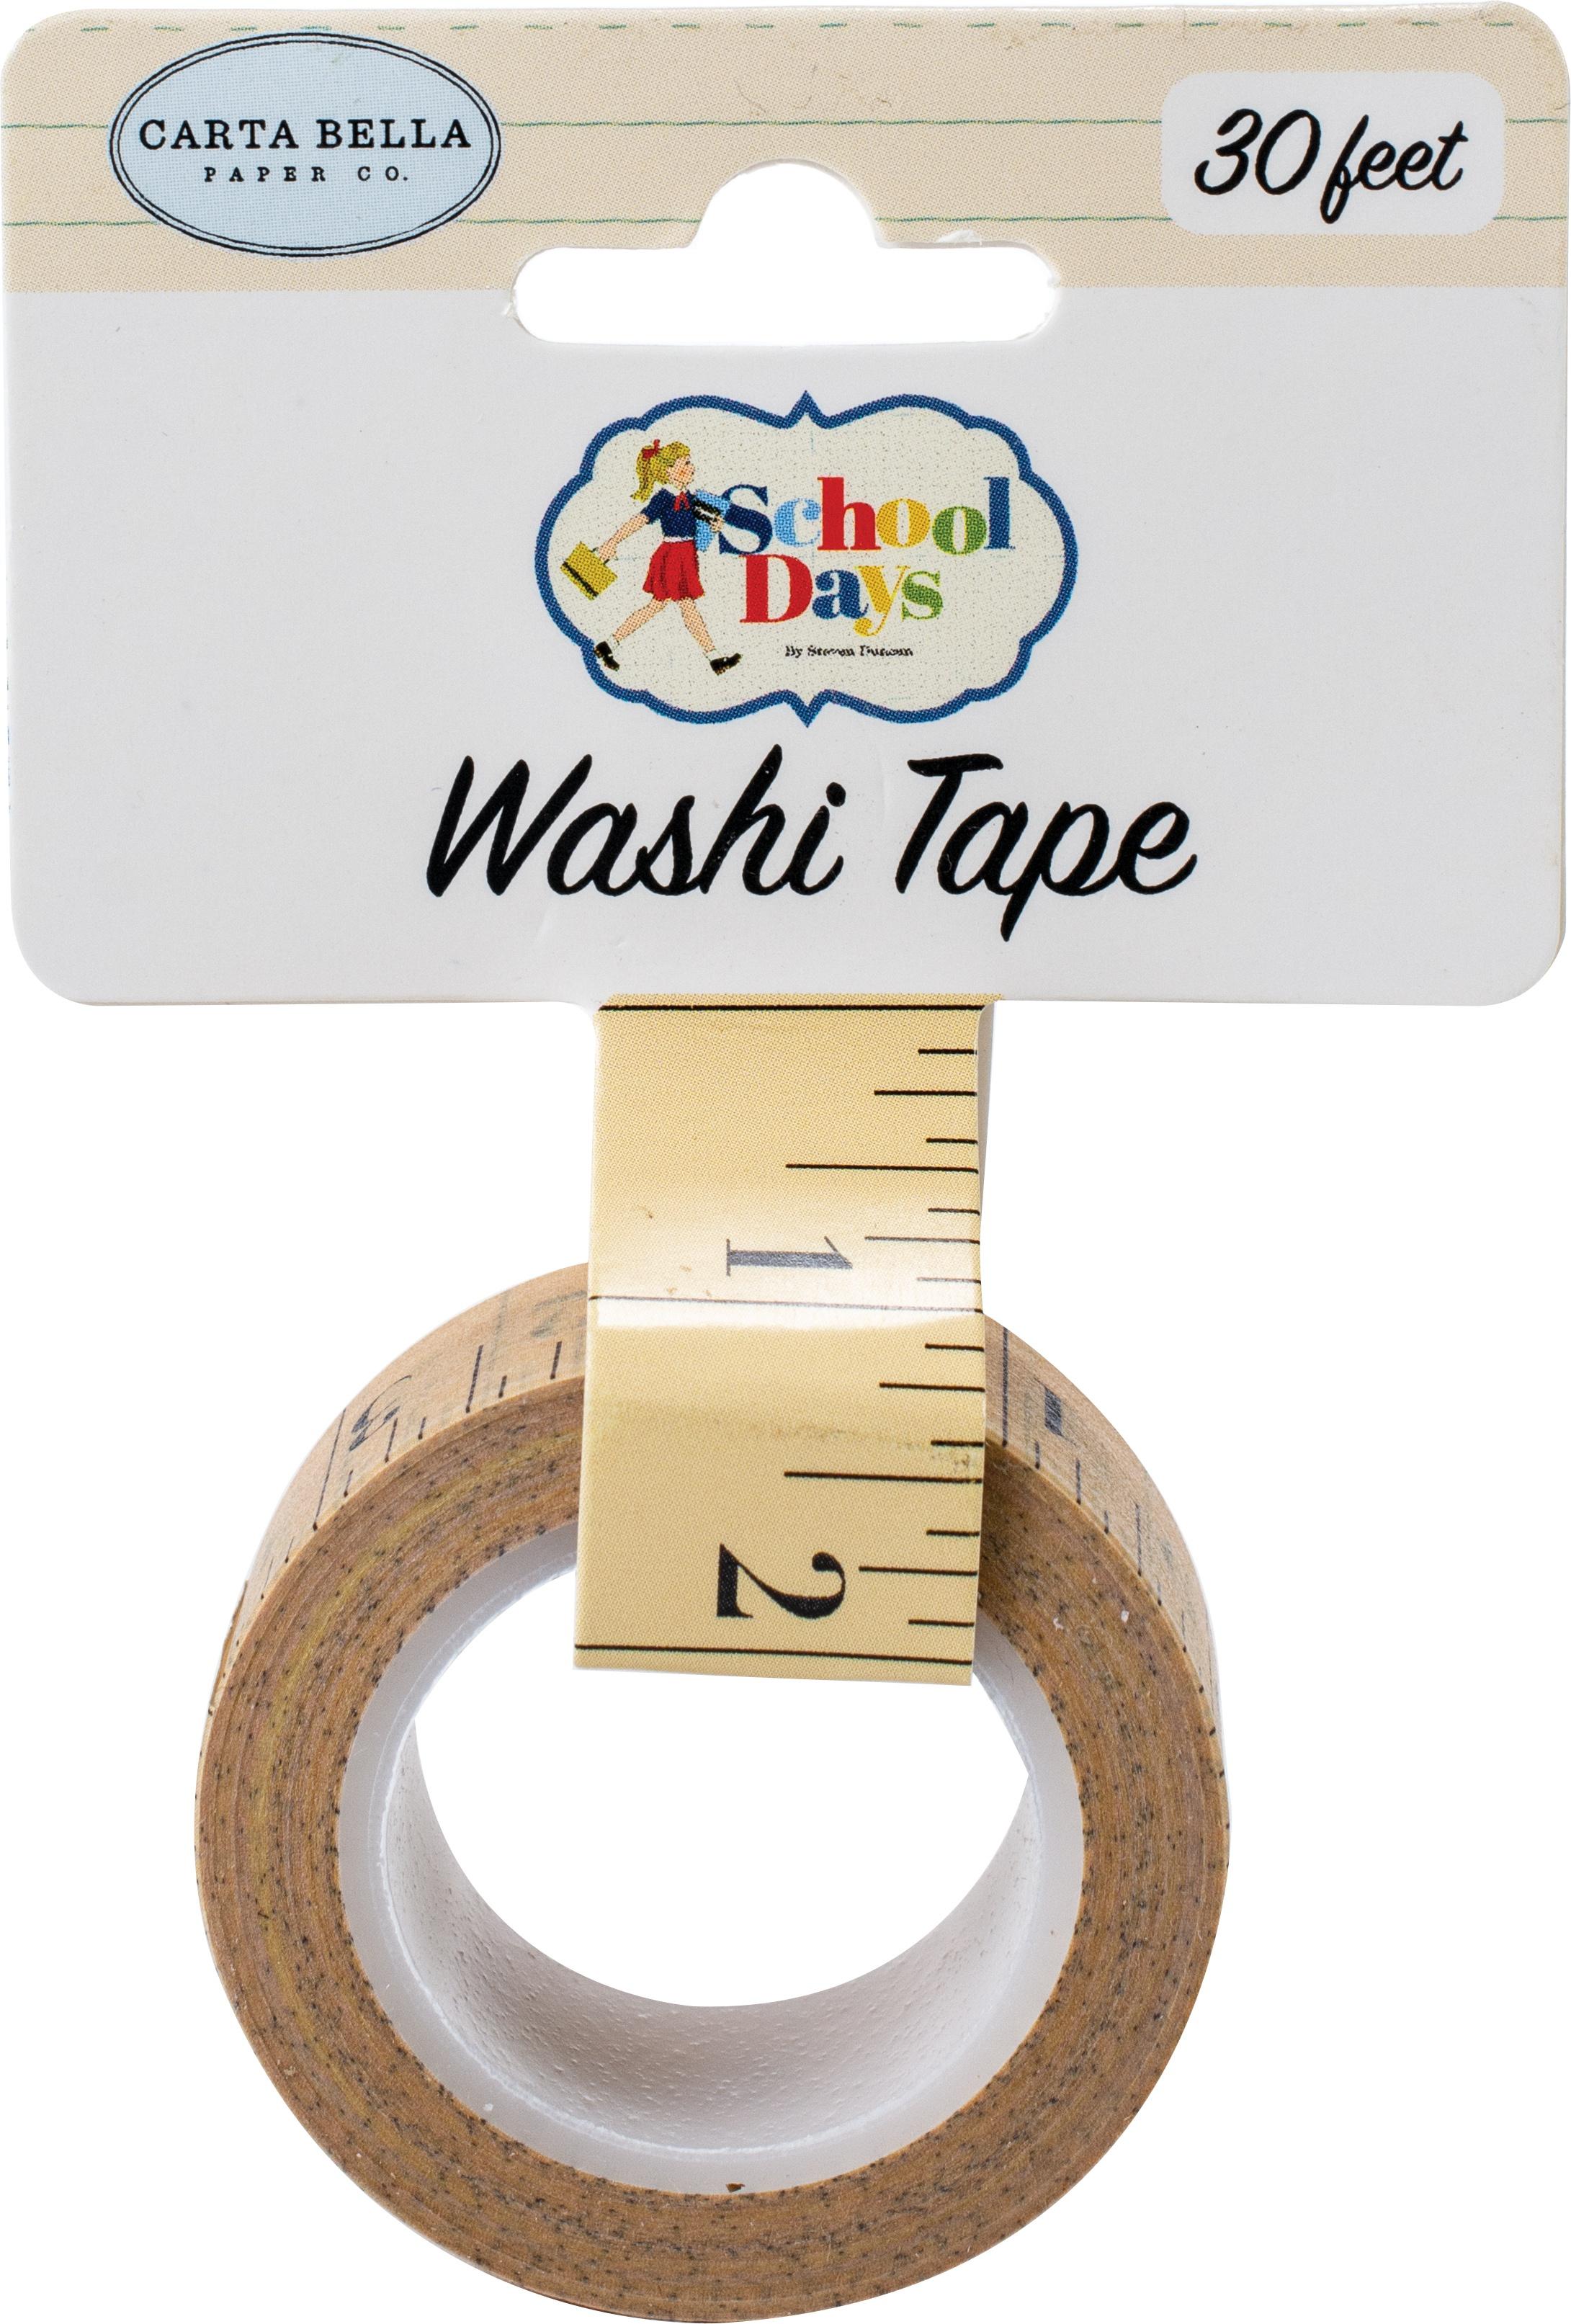 Carta Bella School Days Washi Tape 30'-Ruler